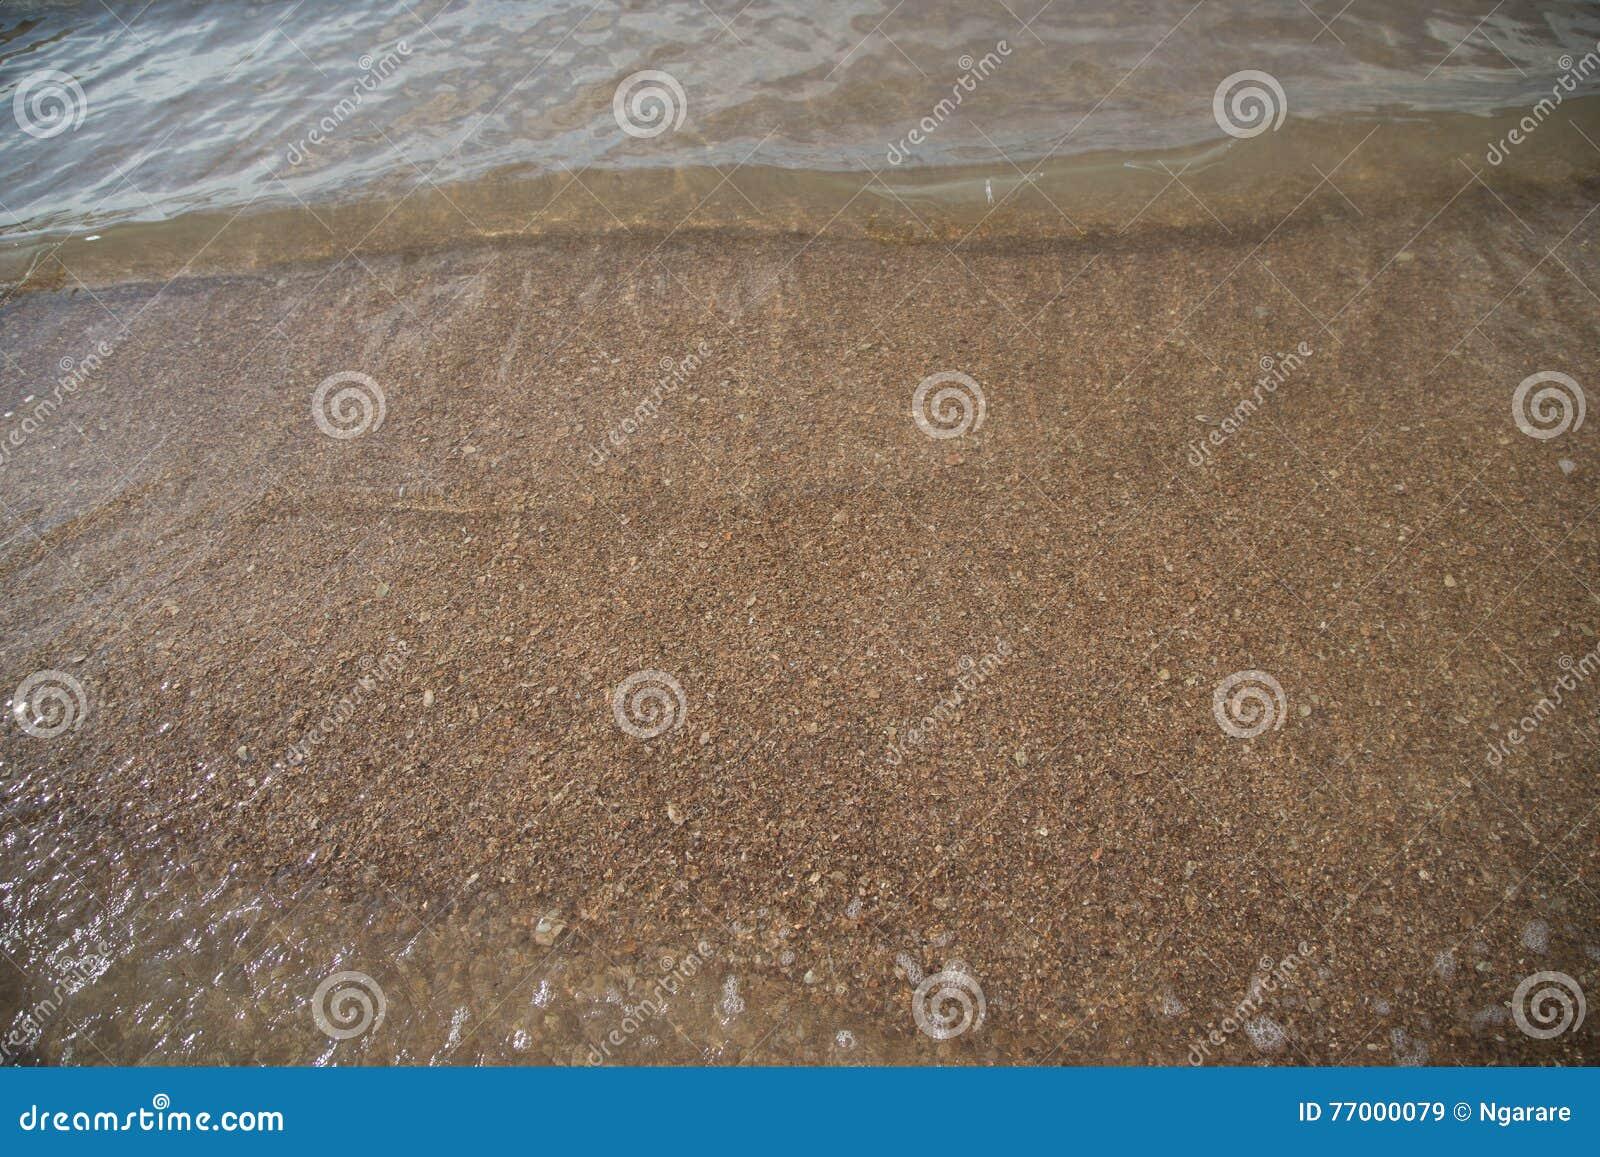 Escala dourada Dragon Spine Beach em Trang - Tailândia despercebida